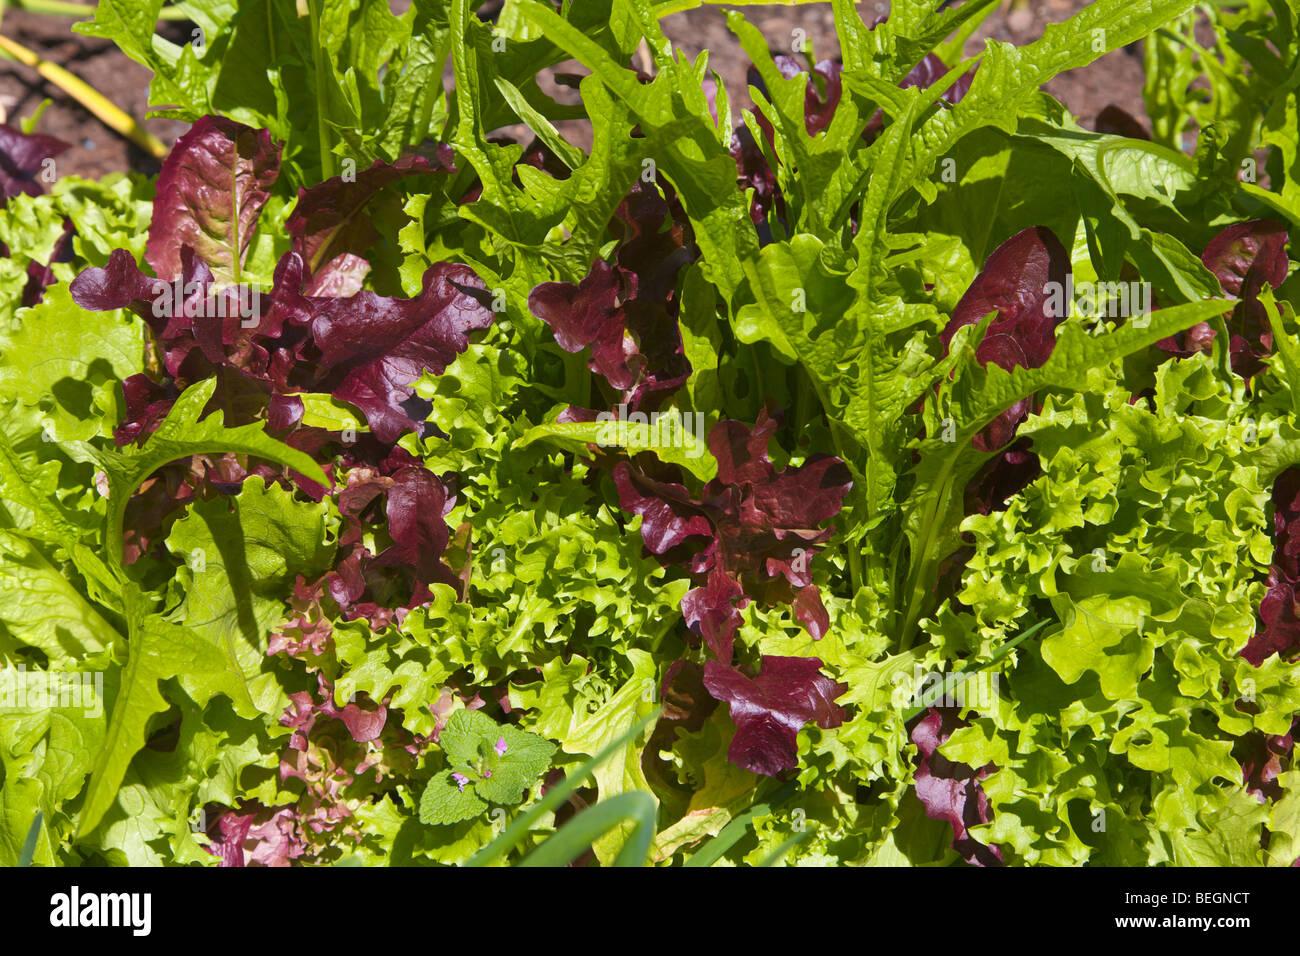 'Couper et reviens' salad leaves growing Photo Stock